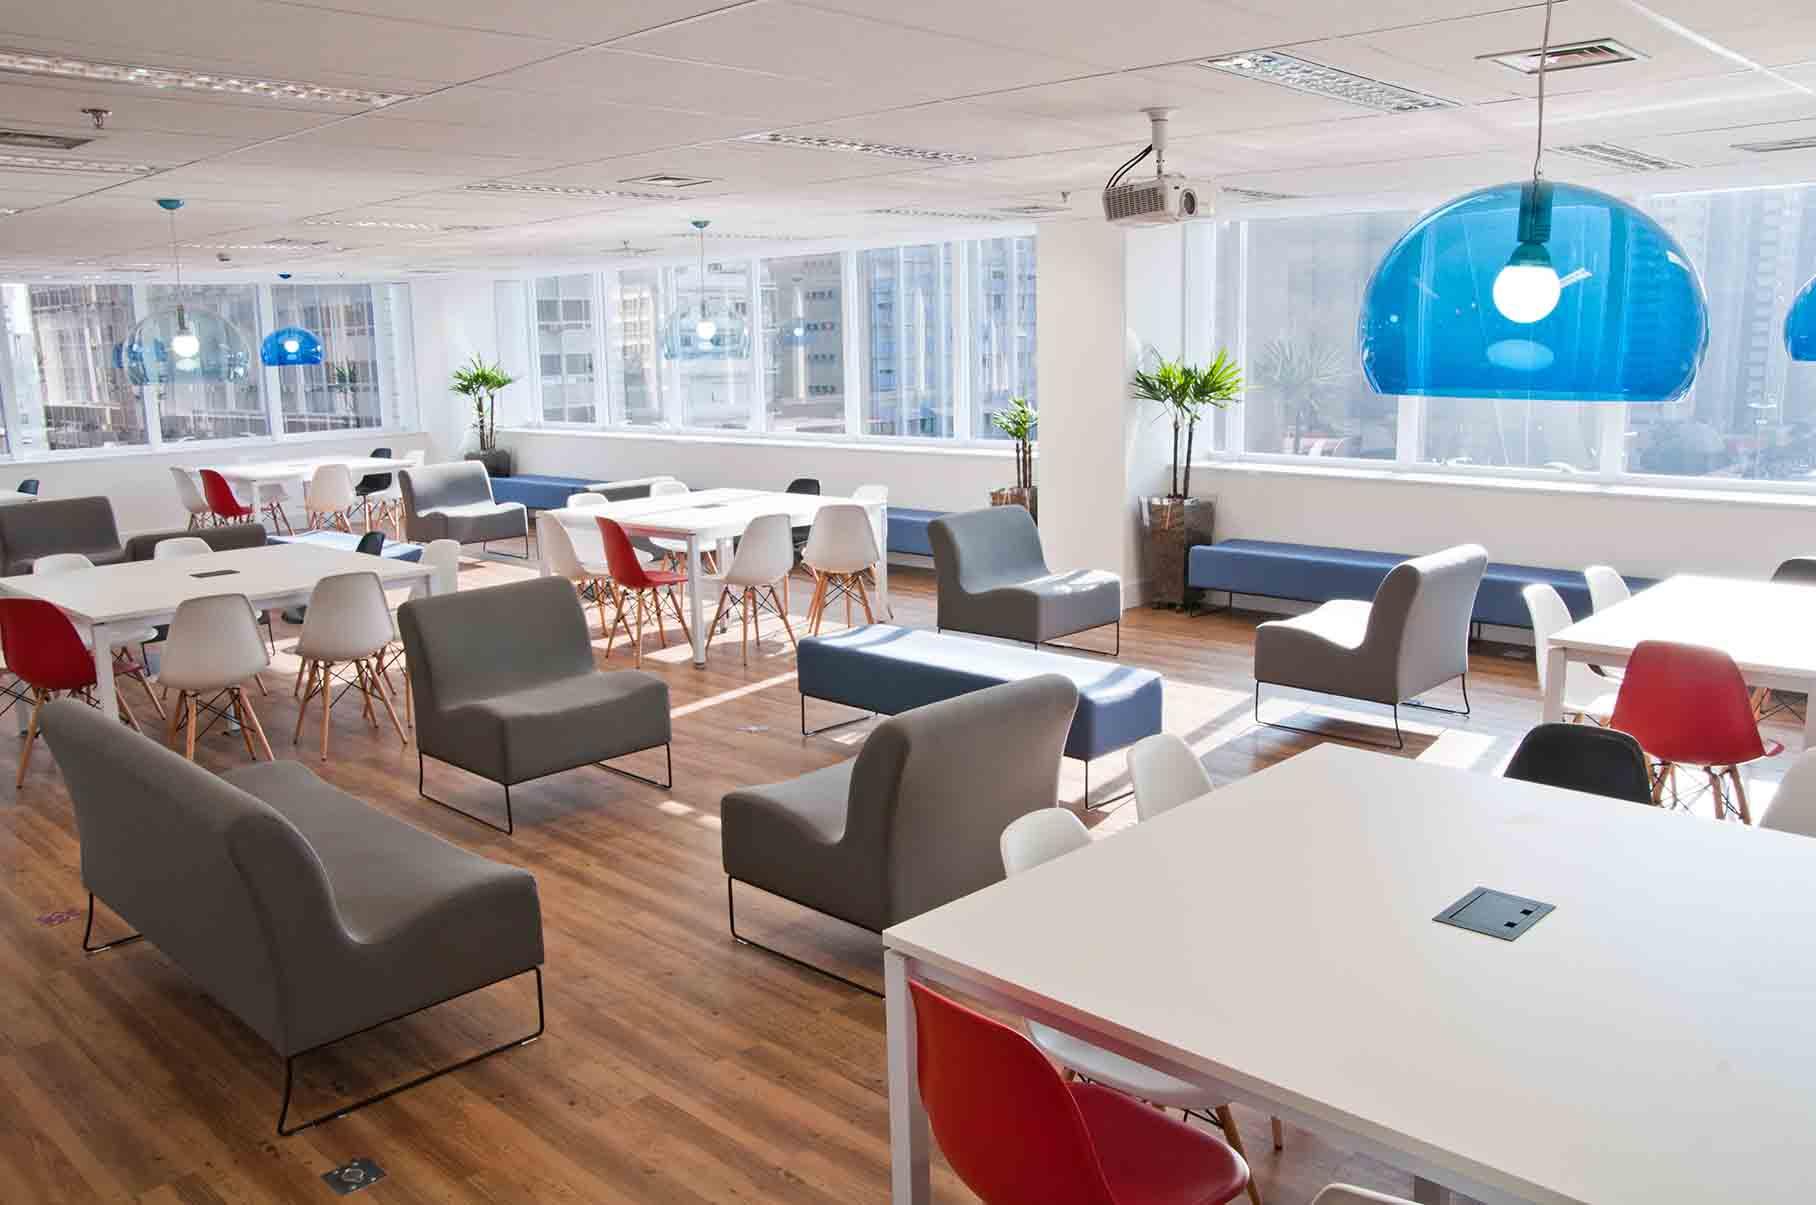 Jak wybrać biuro architektoniczne?